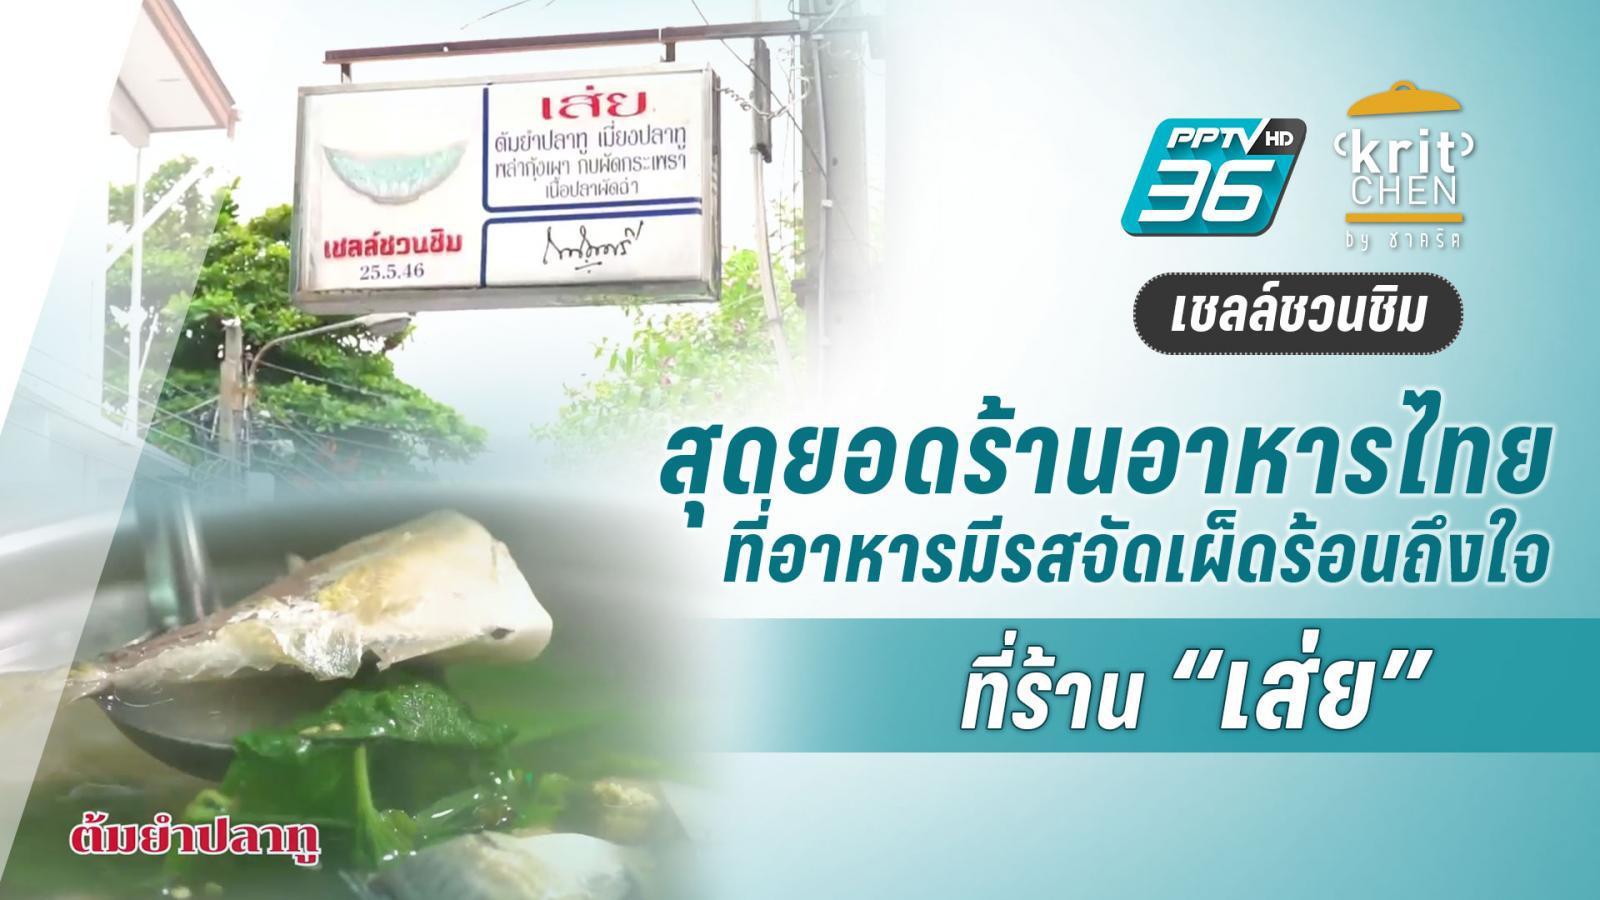 """""""เส่ย"""" สุดยอดร้านอาหารไทย กับเมนูอาหารรสจัดเผ็ดร้อนถึงใจ"""